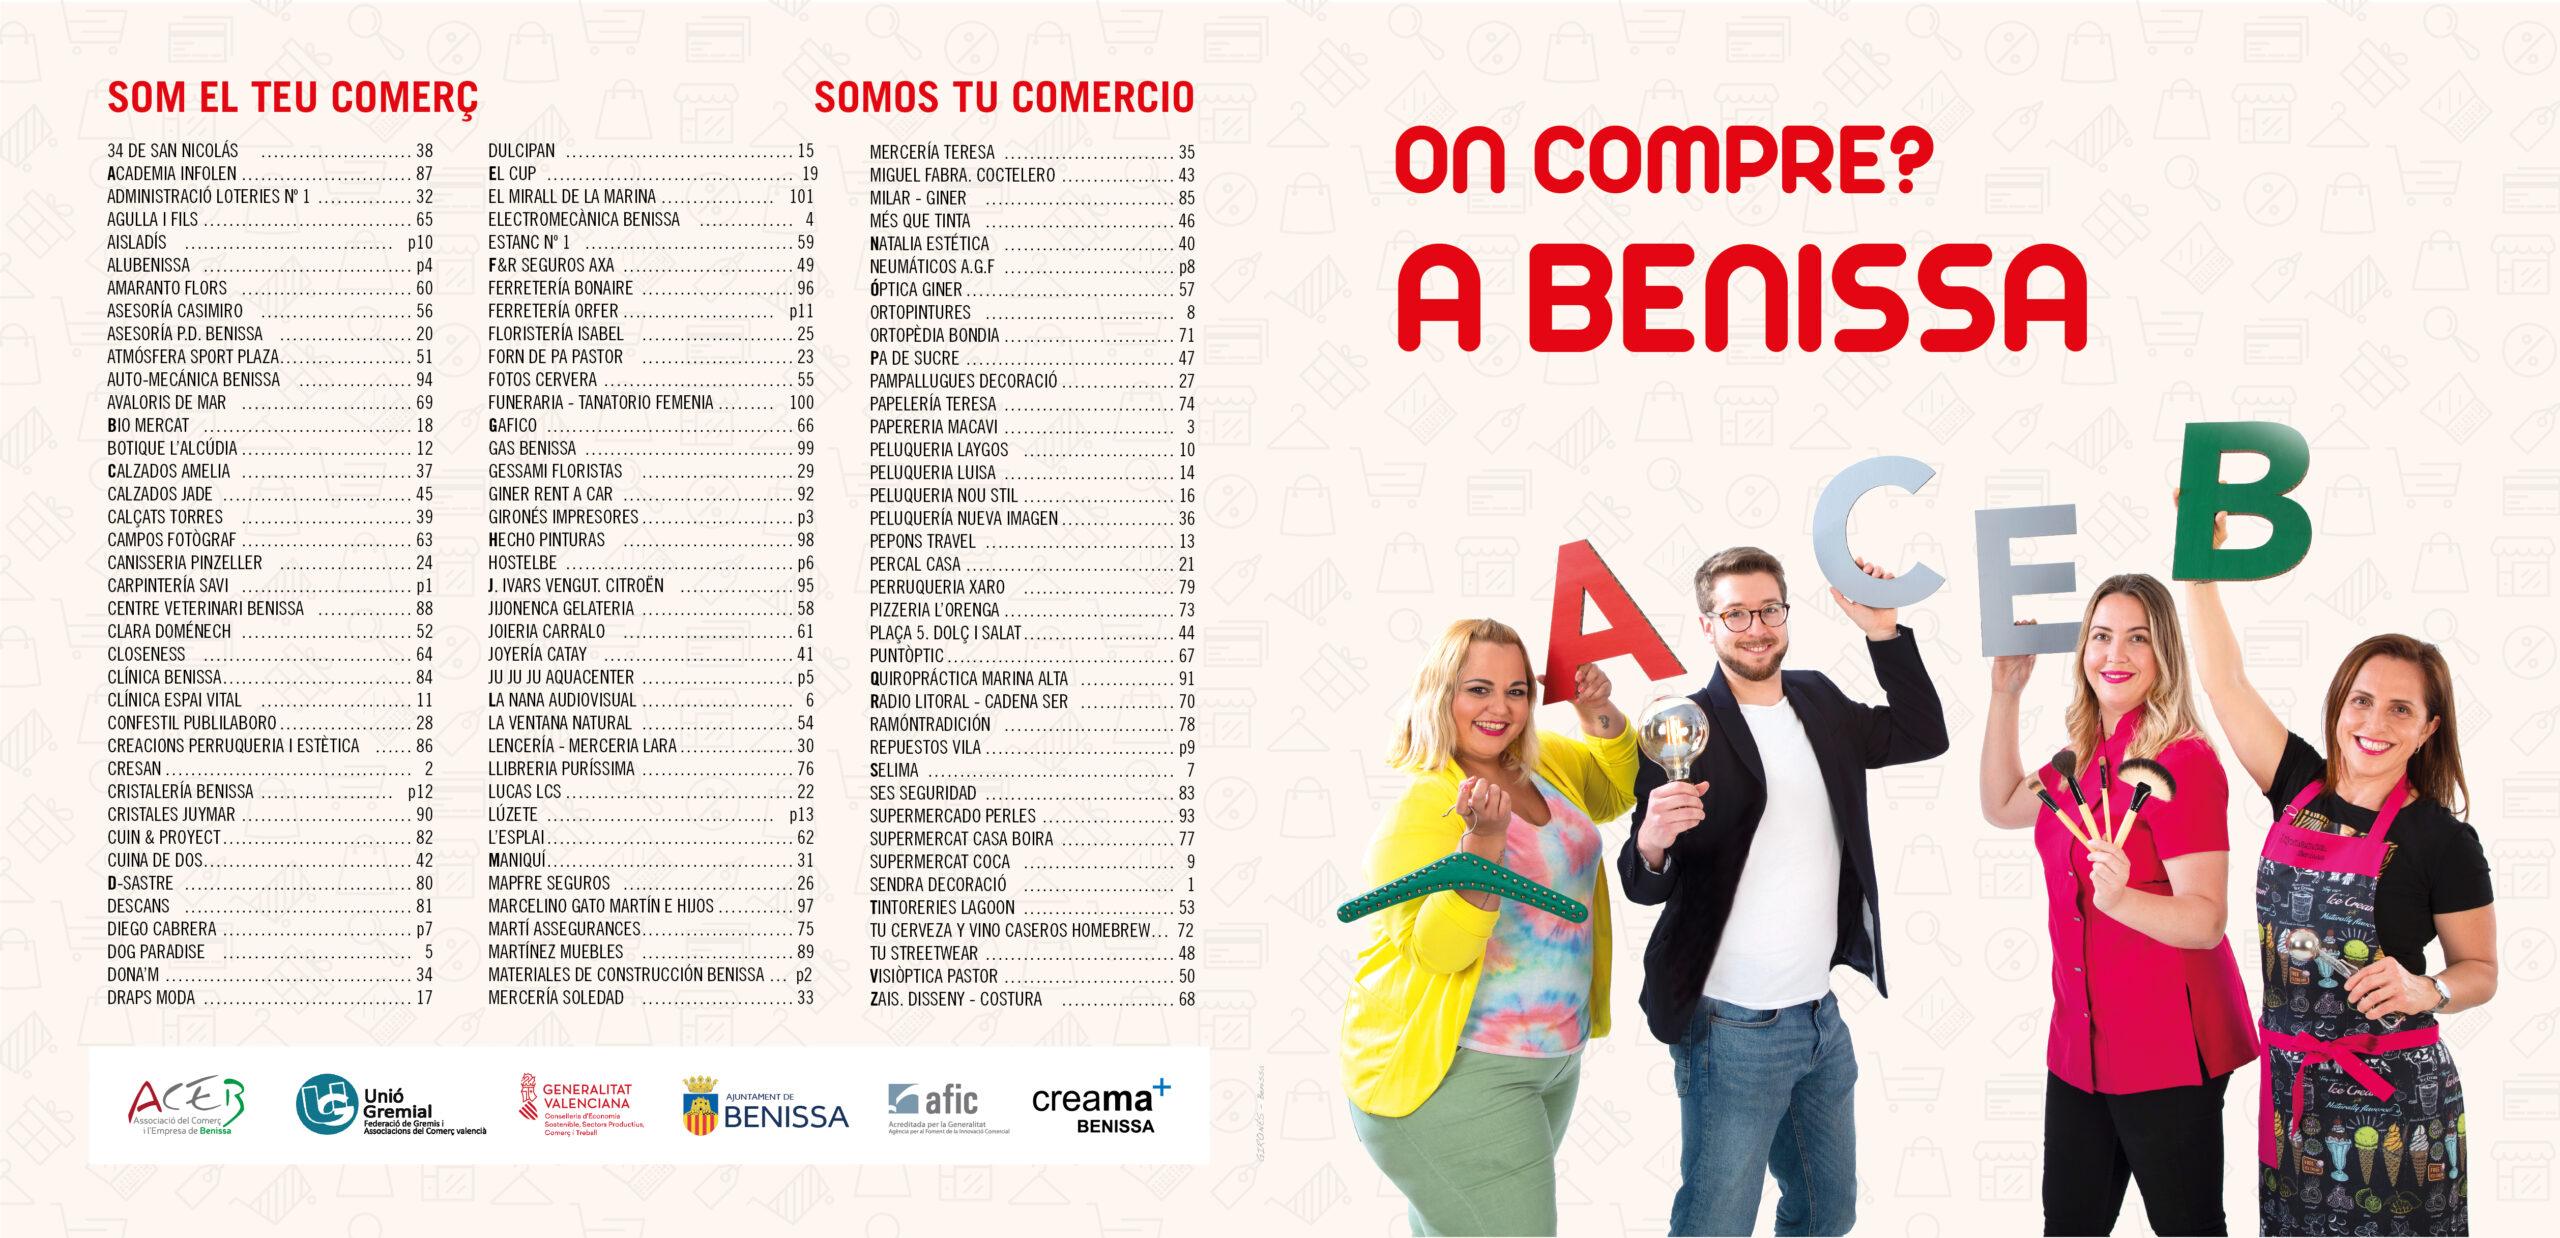 Associació del Comerç i l'Empresa de Benissa